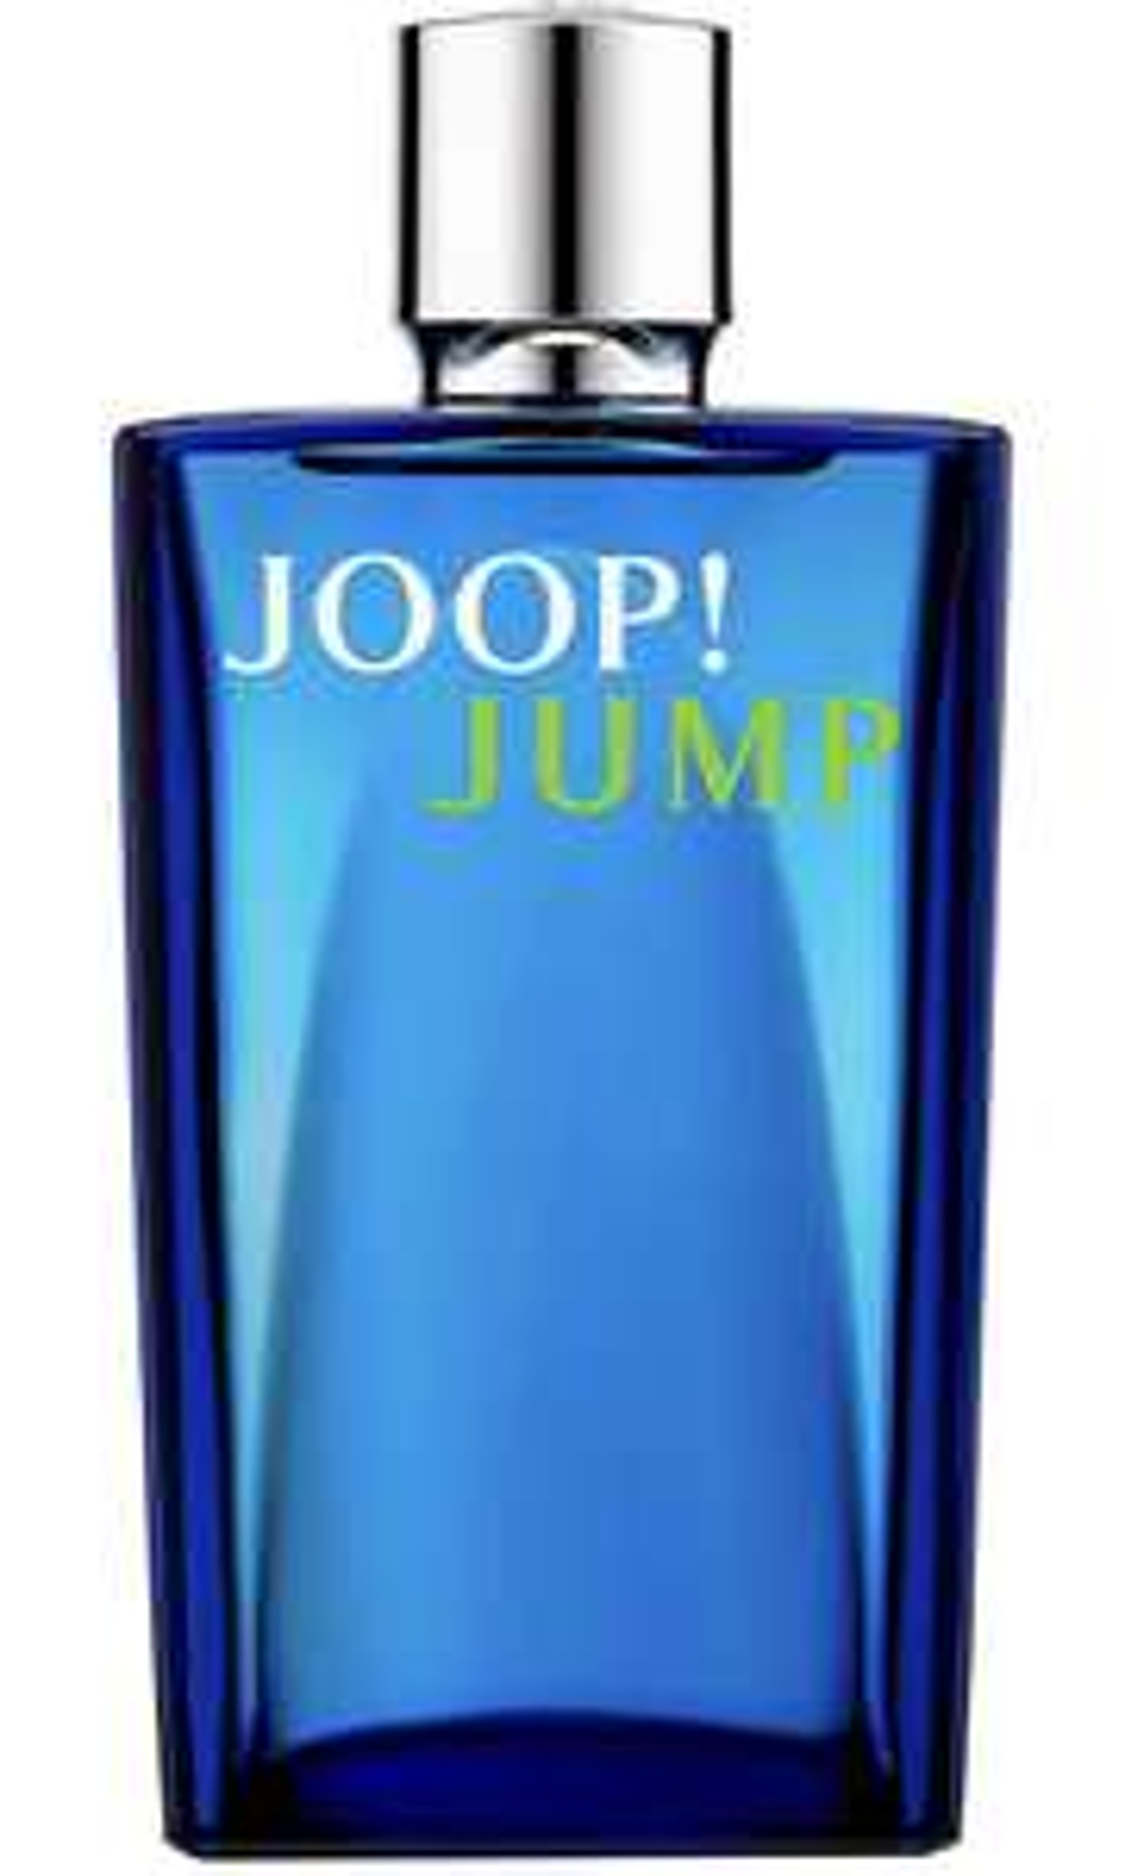 Joop! Jump Eau de Toilette - 100ml for £16.89 (Prime) / £21.38 (non Prime) at Amazon